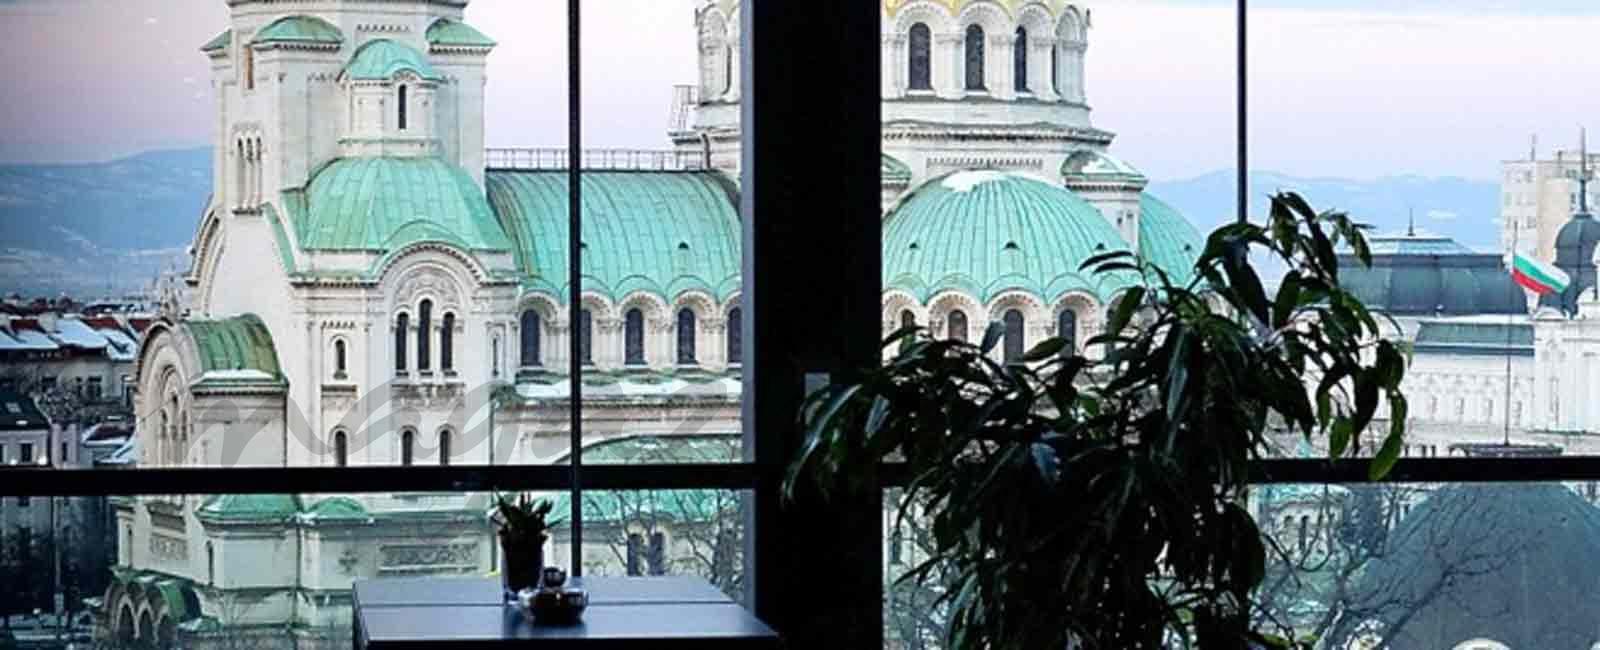 Bulgaria, un destino sorprendente (I): Sofía